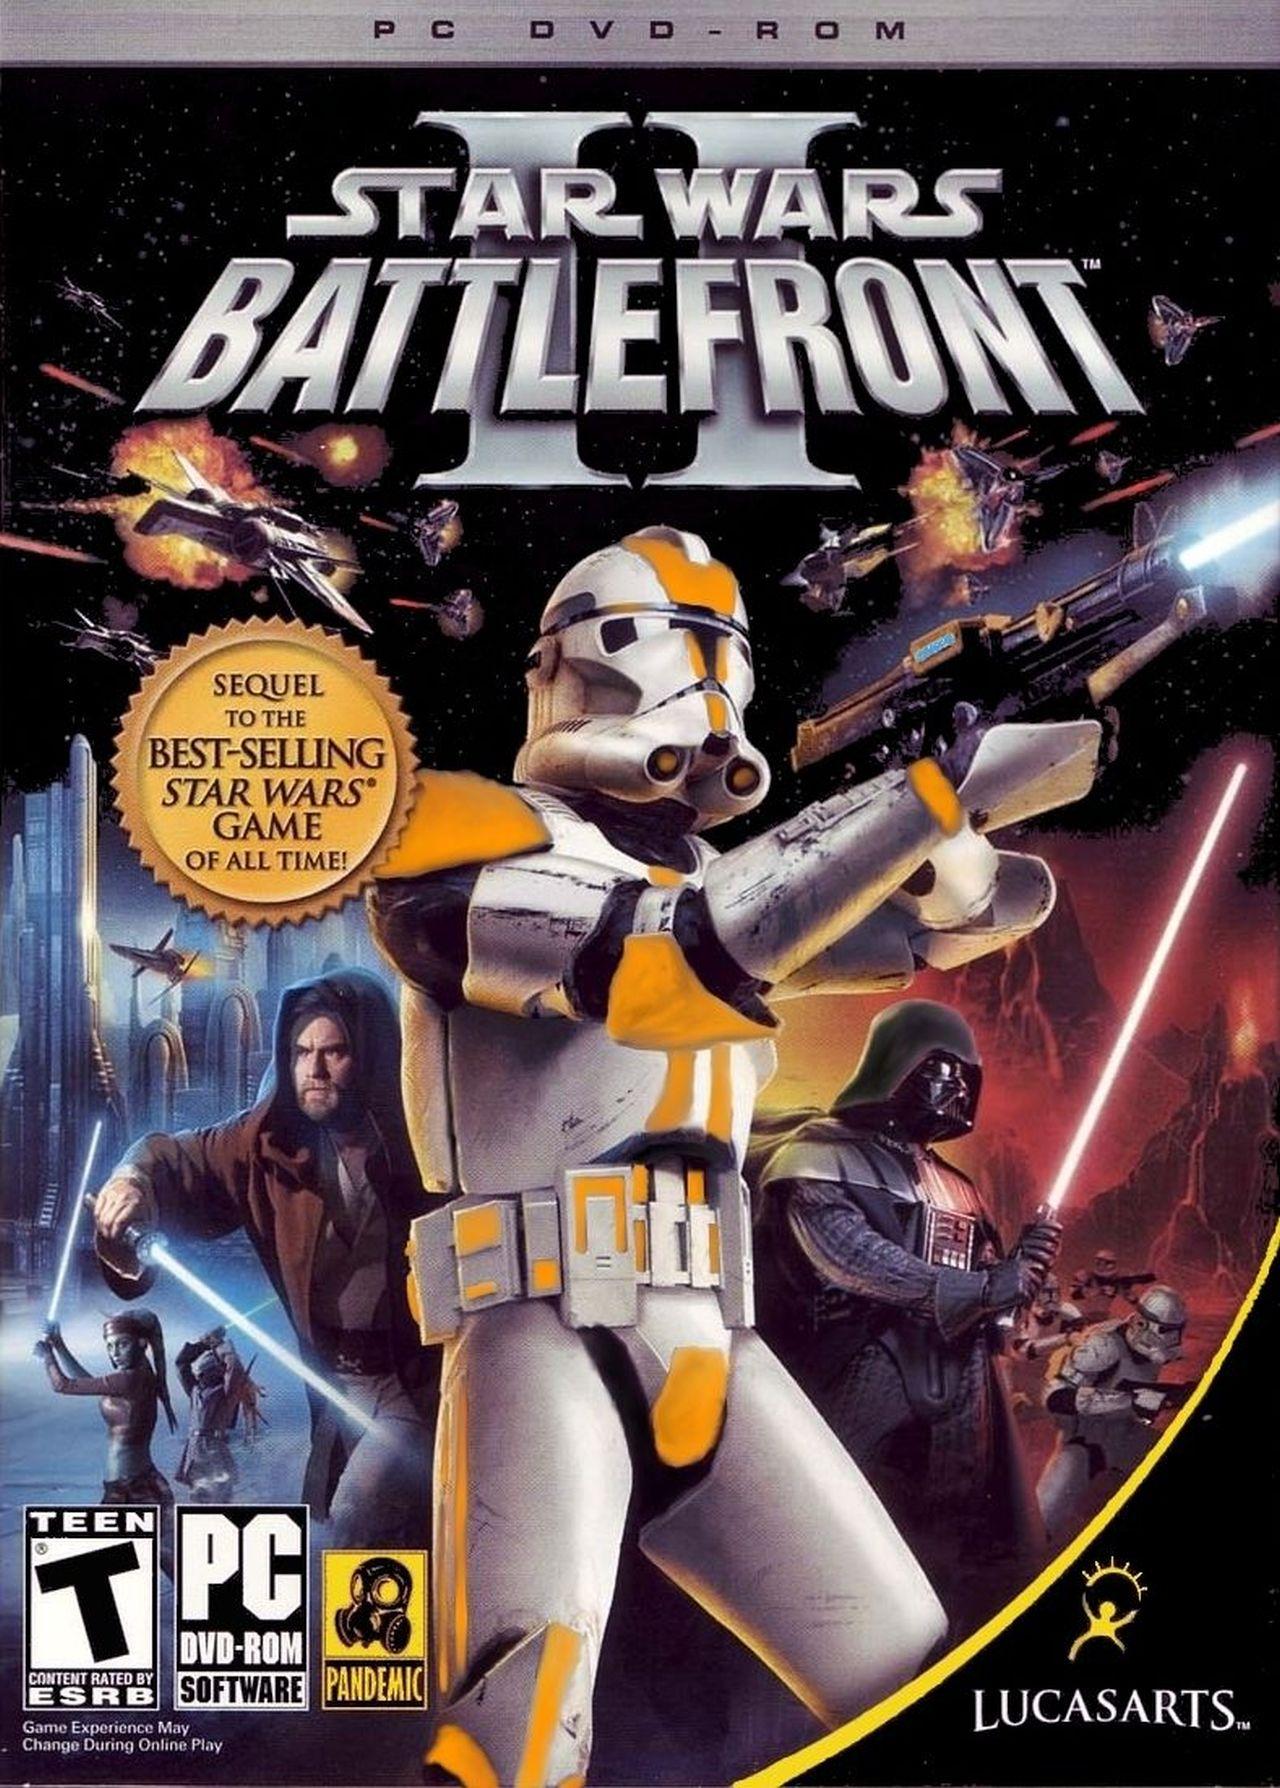 star wars battlefront2 pc